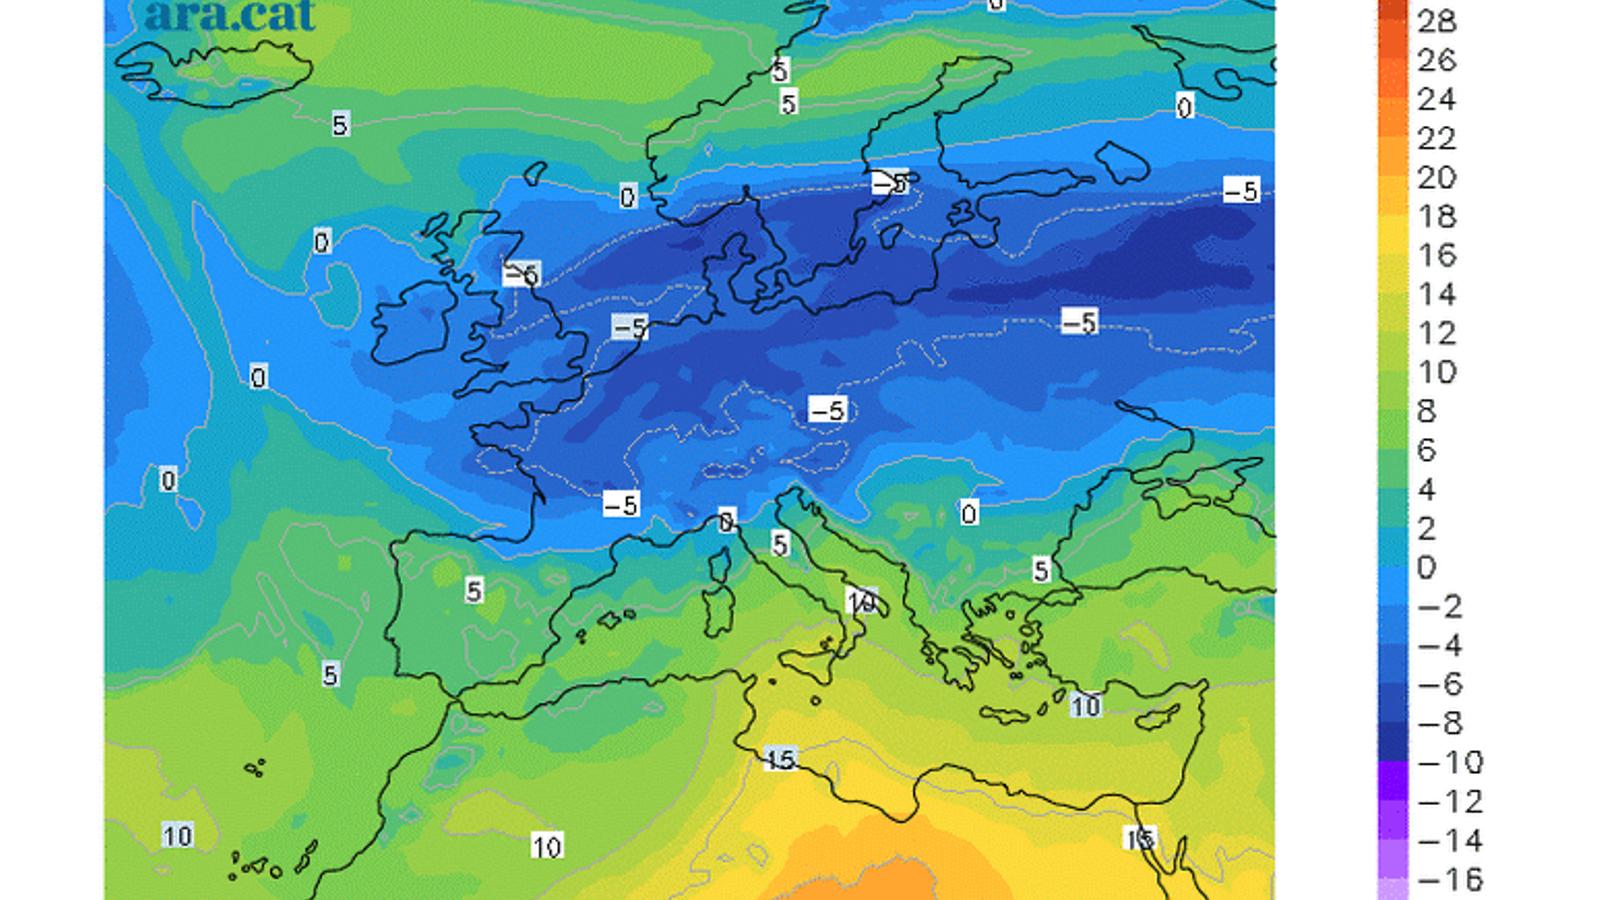 L'hivern comença a treure el nas al centre i al nord d'Europa